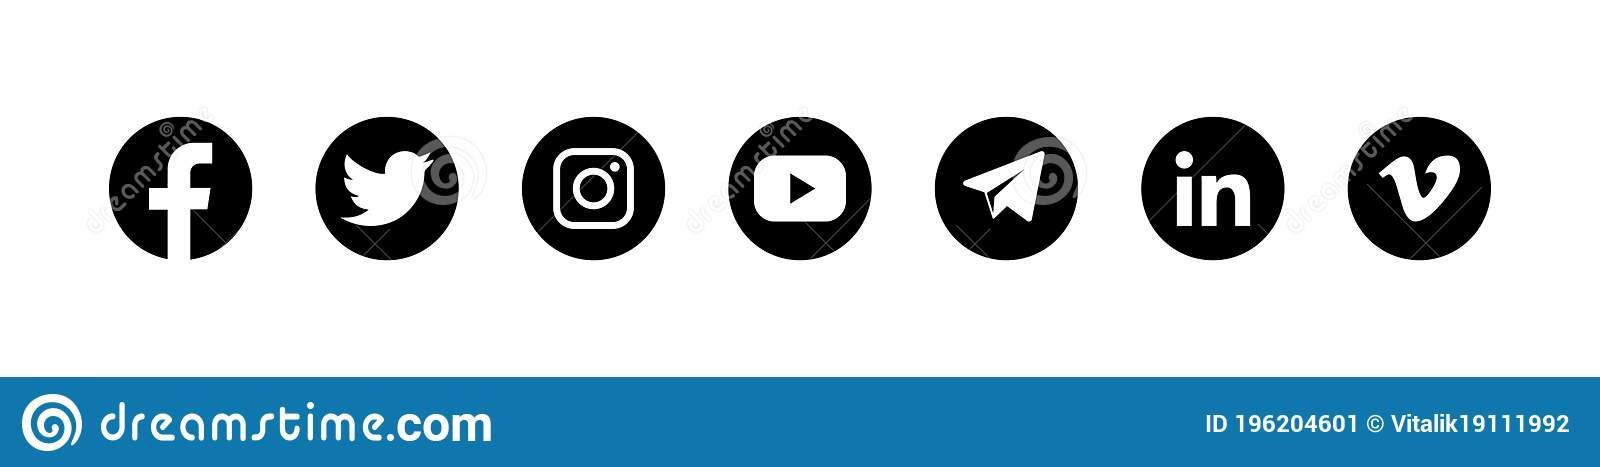 Pin By Samantha Admirer On Edits Social Media Logos Social Media Icons Social Media